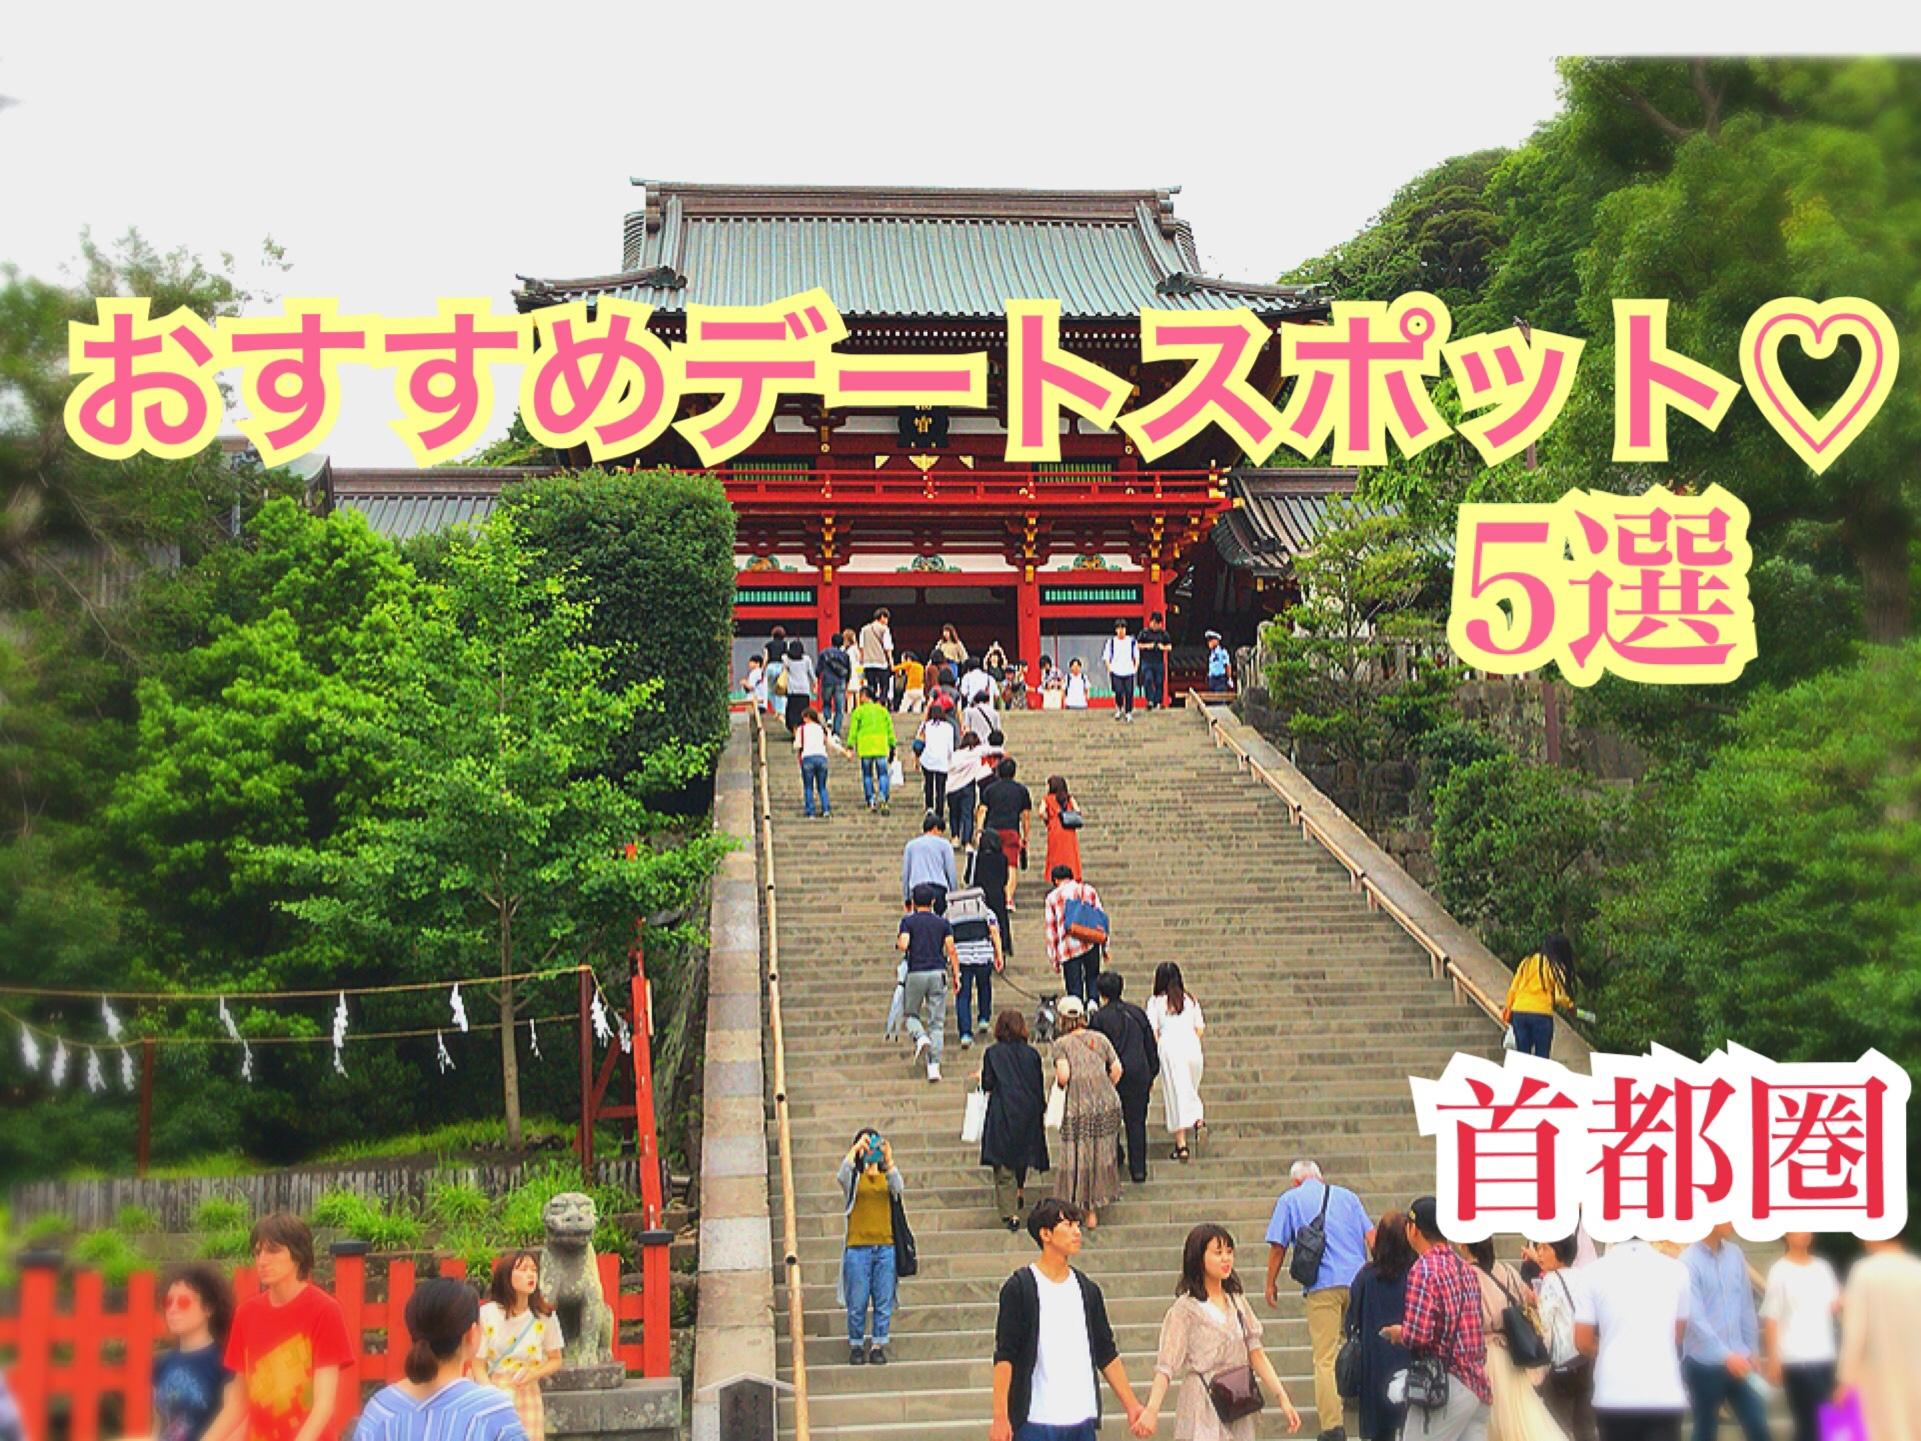 首都圏、東京でおすすめデートスポット5選!